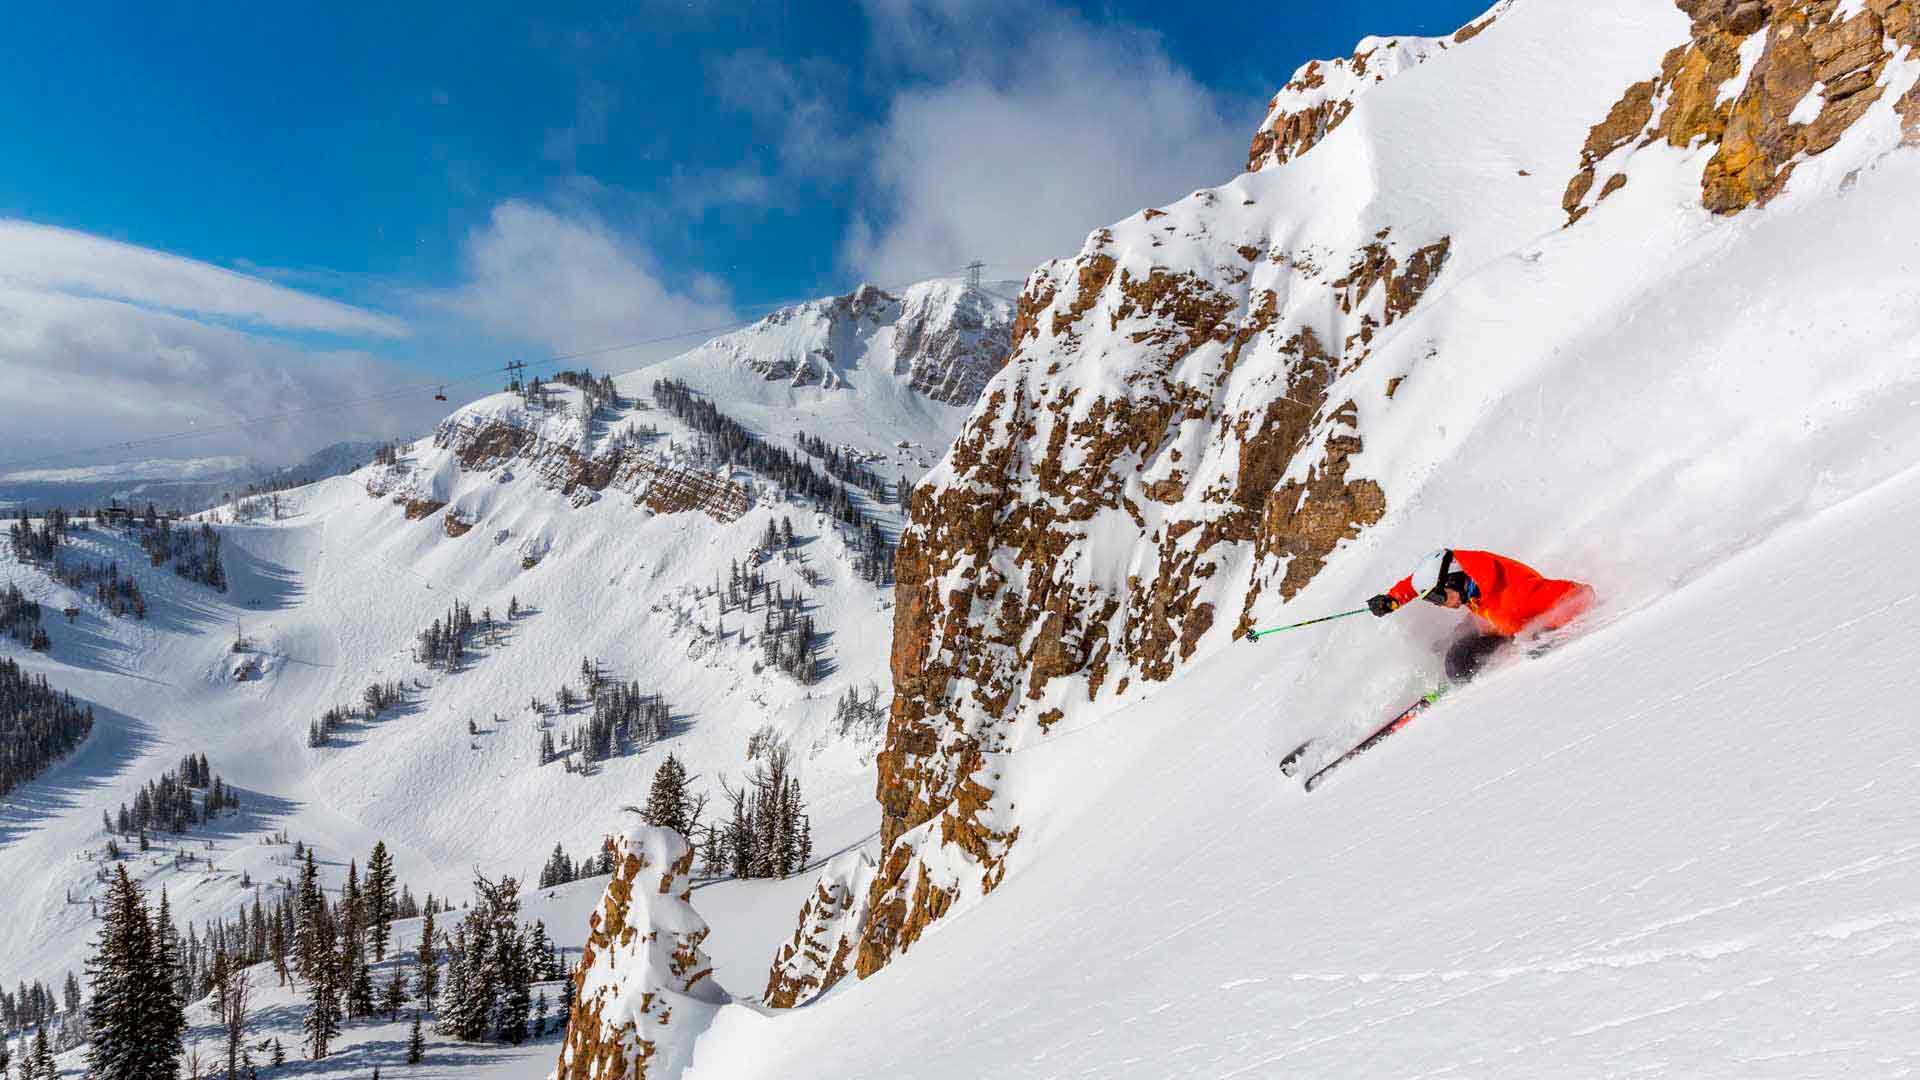 Jackson Hole, vacaciones en la nieve